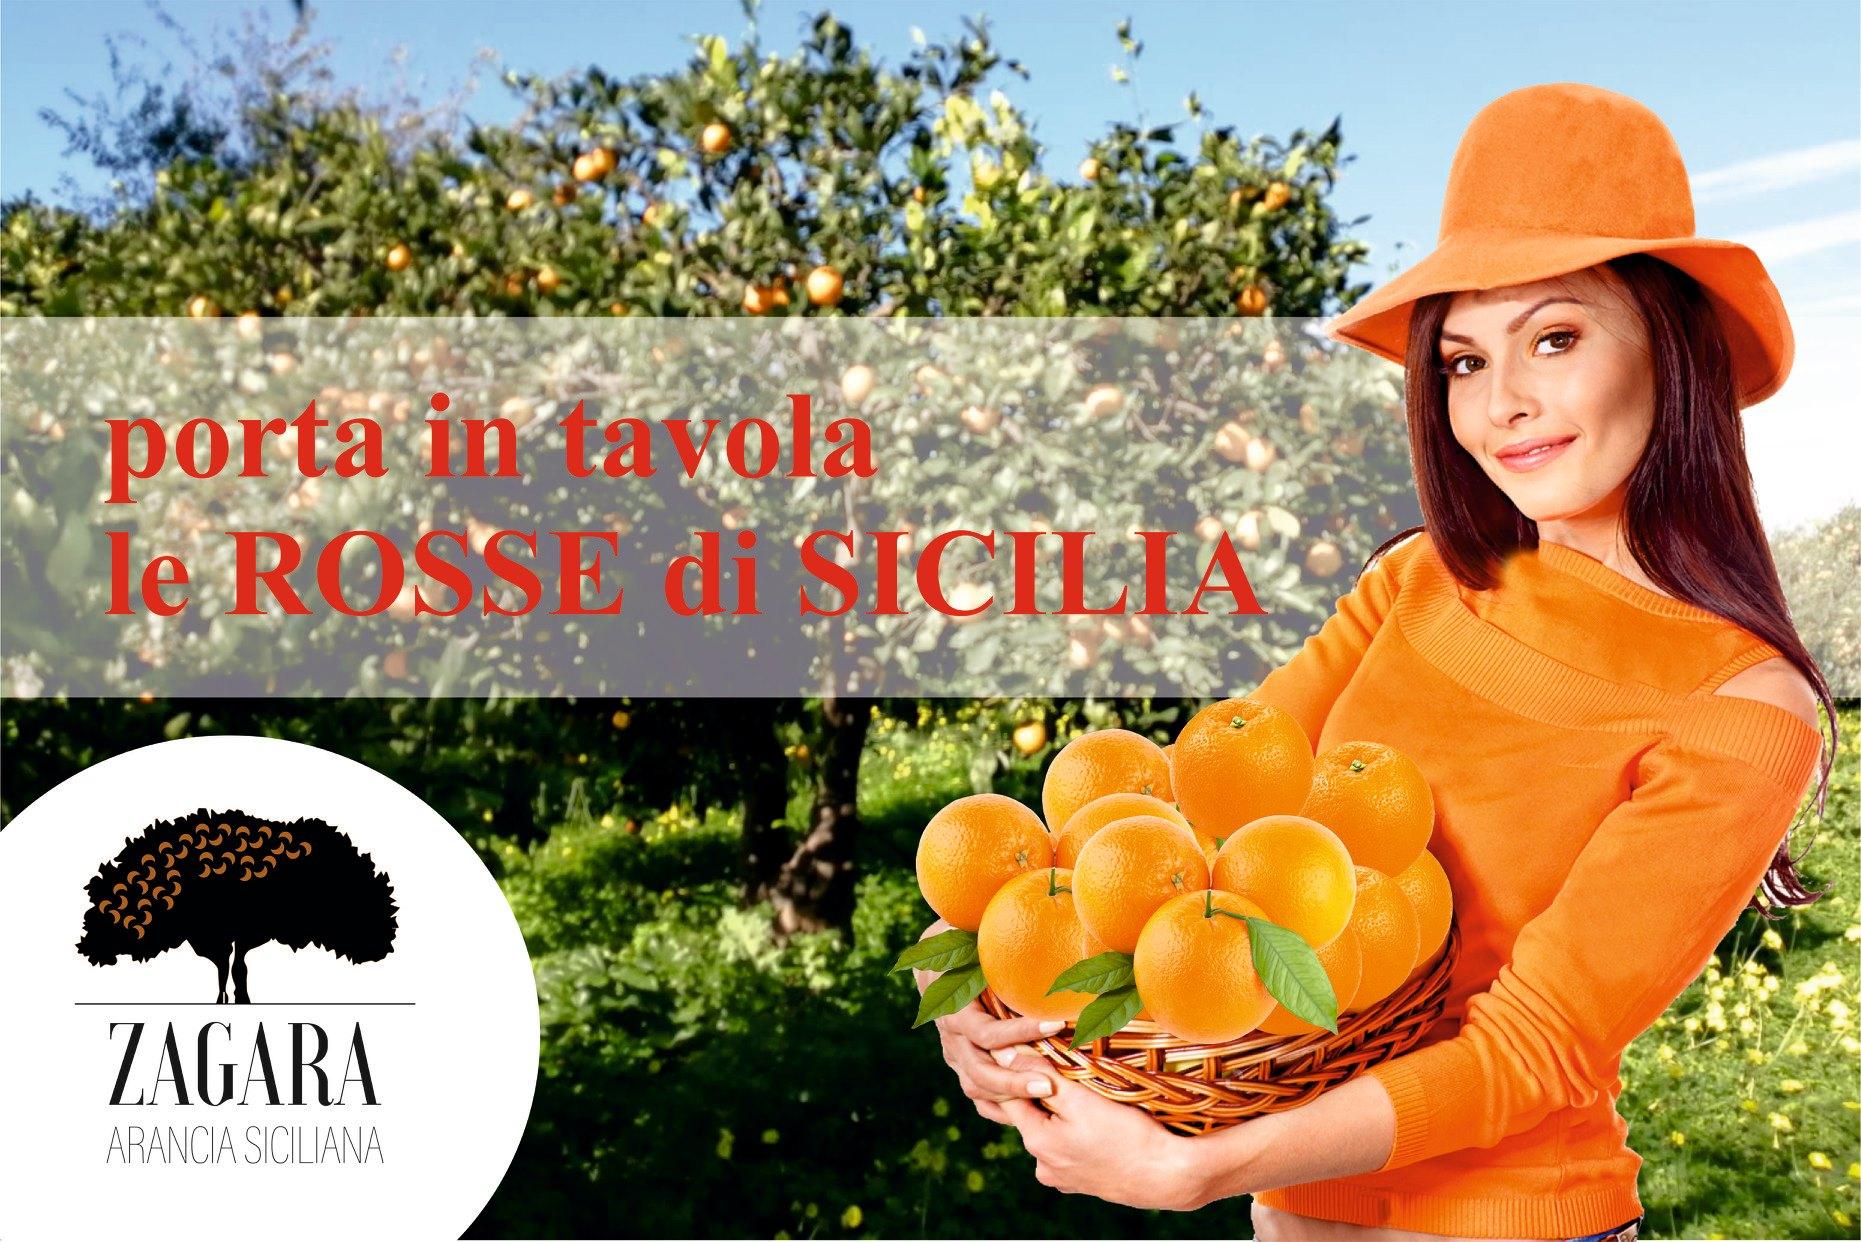 Porta in tavola le rosse di Sicilia... Prenota online